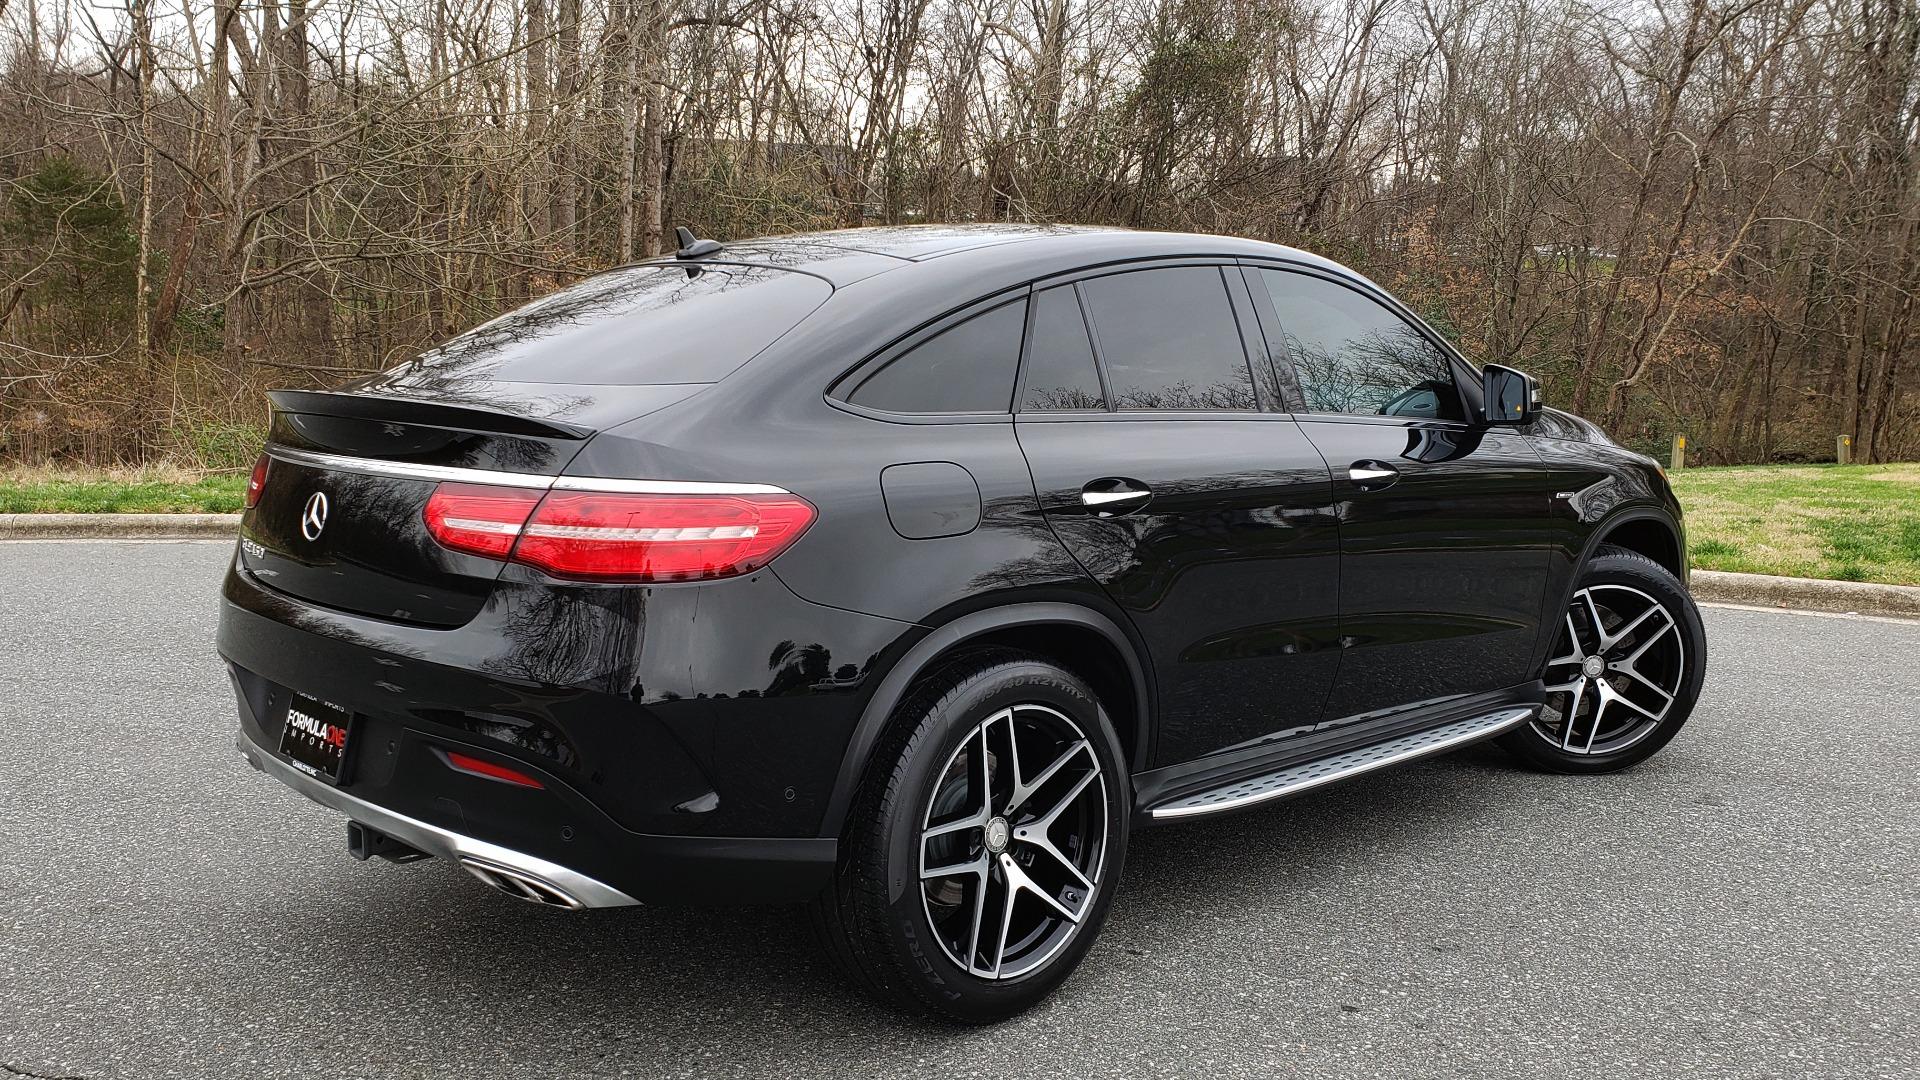 Used 2016 Mercedes-Benz GLE 450 AMG / AWD / PREM PKG / PARK ASST / DRVR ASST / SUNROOF for sale Sold at Formula Imports in Charlotte NC 28227 7